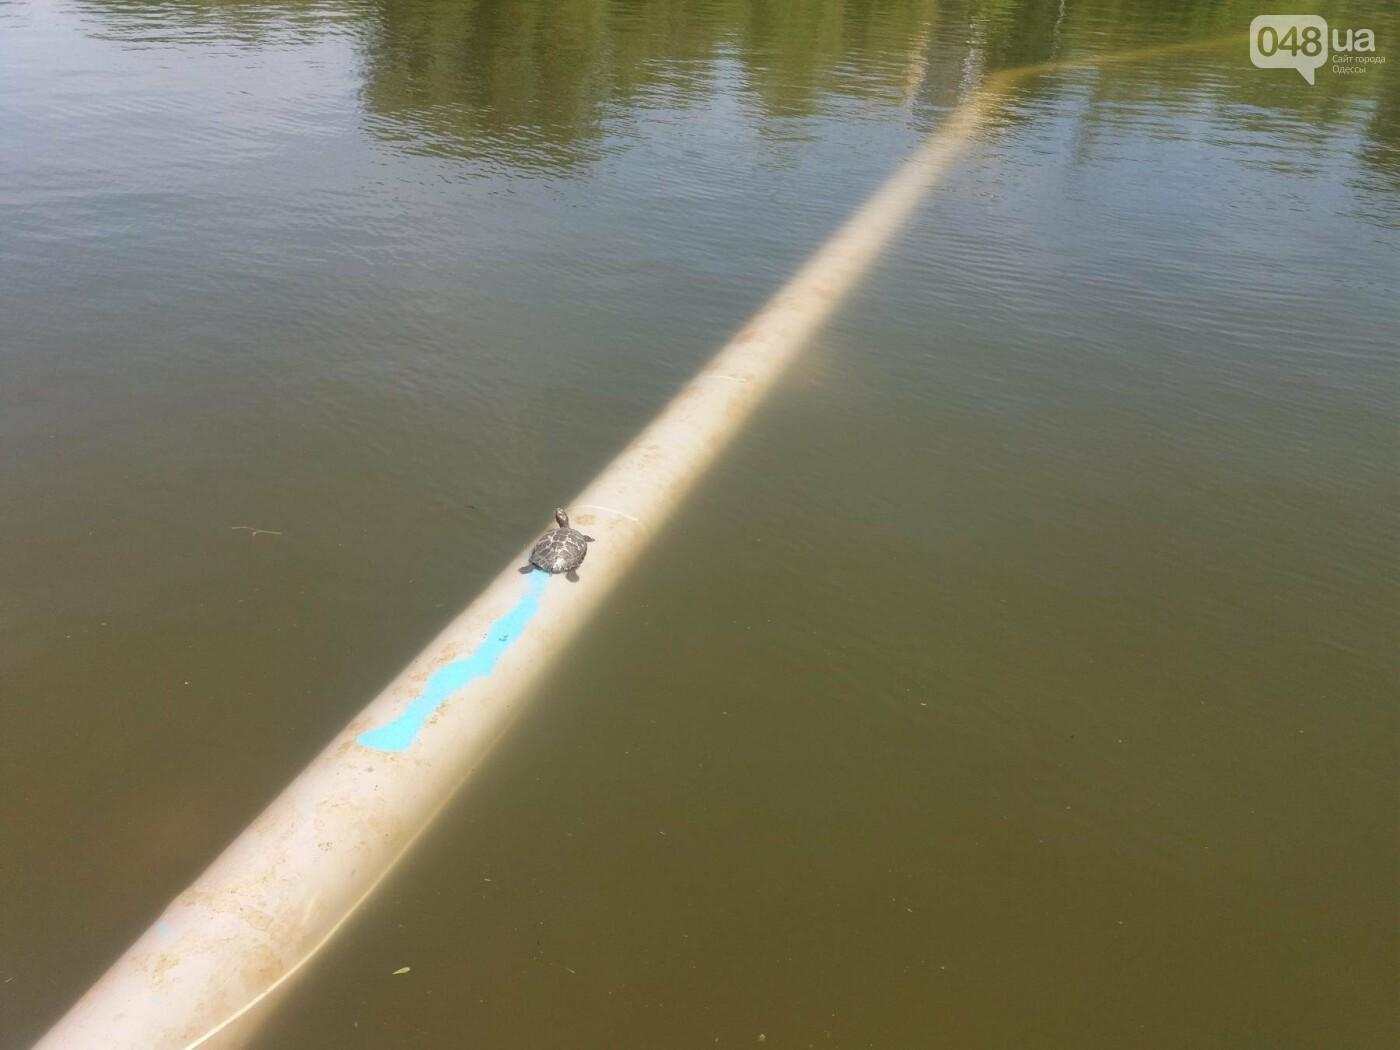 В Одесском парке заполняют водой очищенный пруд и устанавливают «сказочные лилии», - ФОТО, ВИДЕО , фото-2